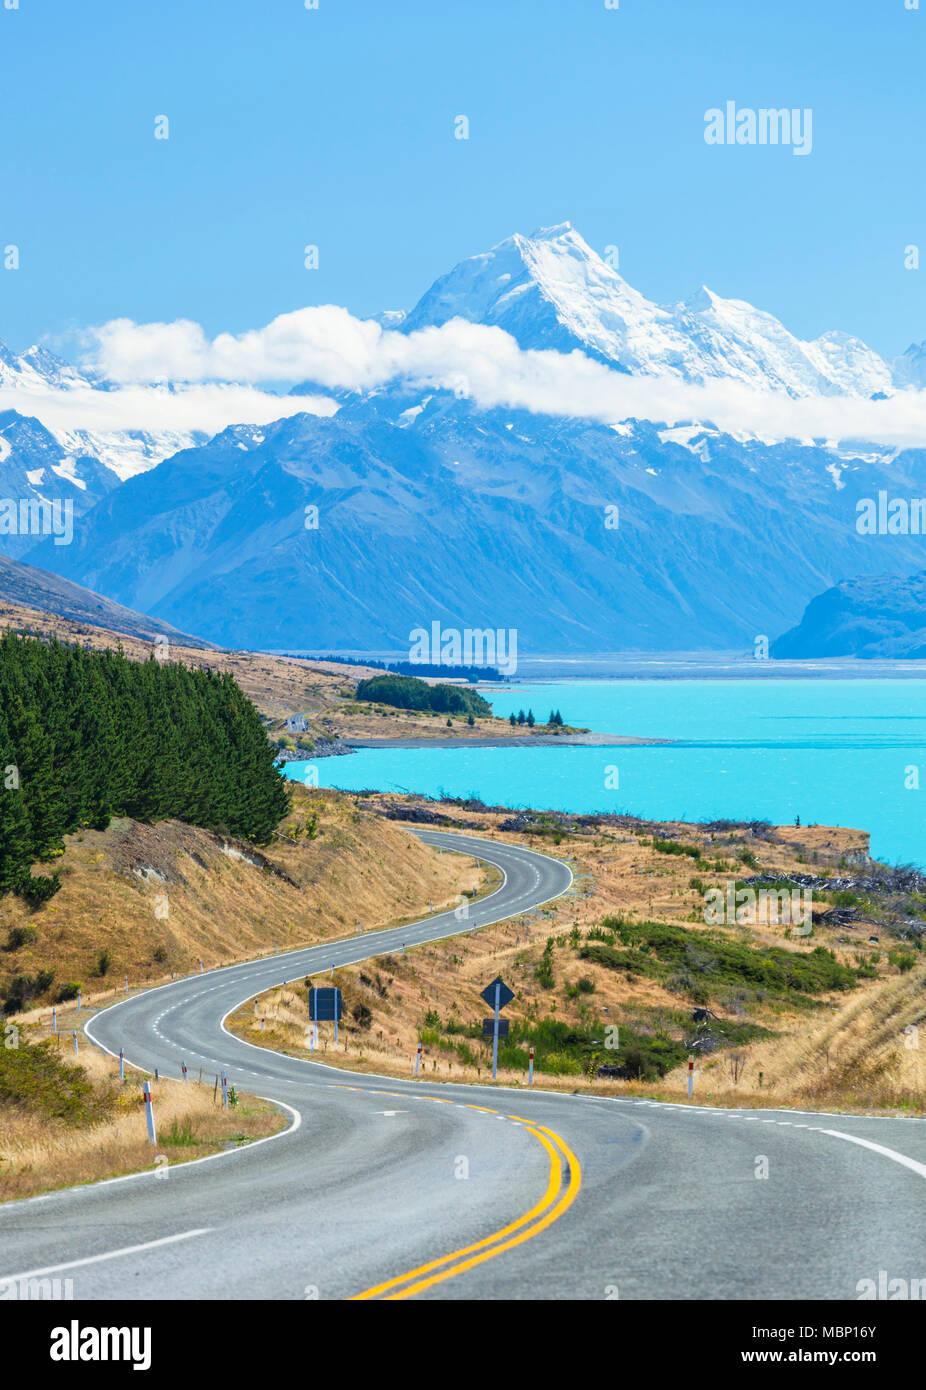 Neuseeland Südinsel Neuseeland kurvenreiche Straße durch Cook National Park neben dem Gletschersee Pukaki Neuseeland mackenzie Bezirk nz montieren Stockbild